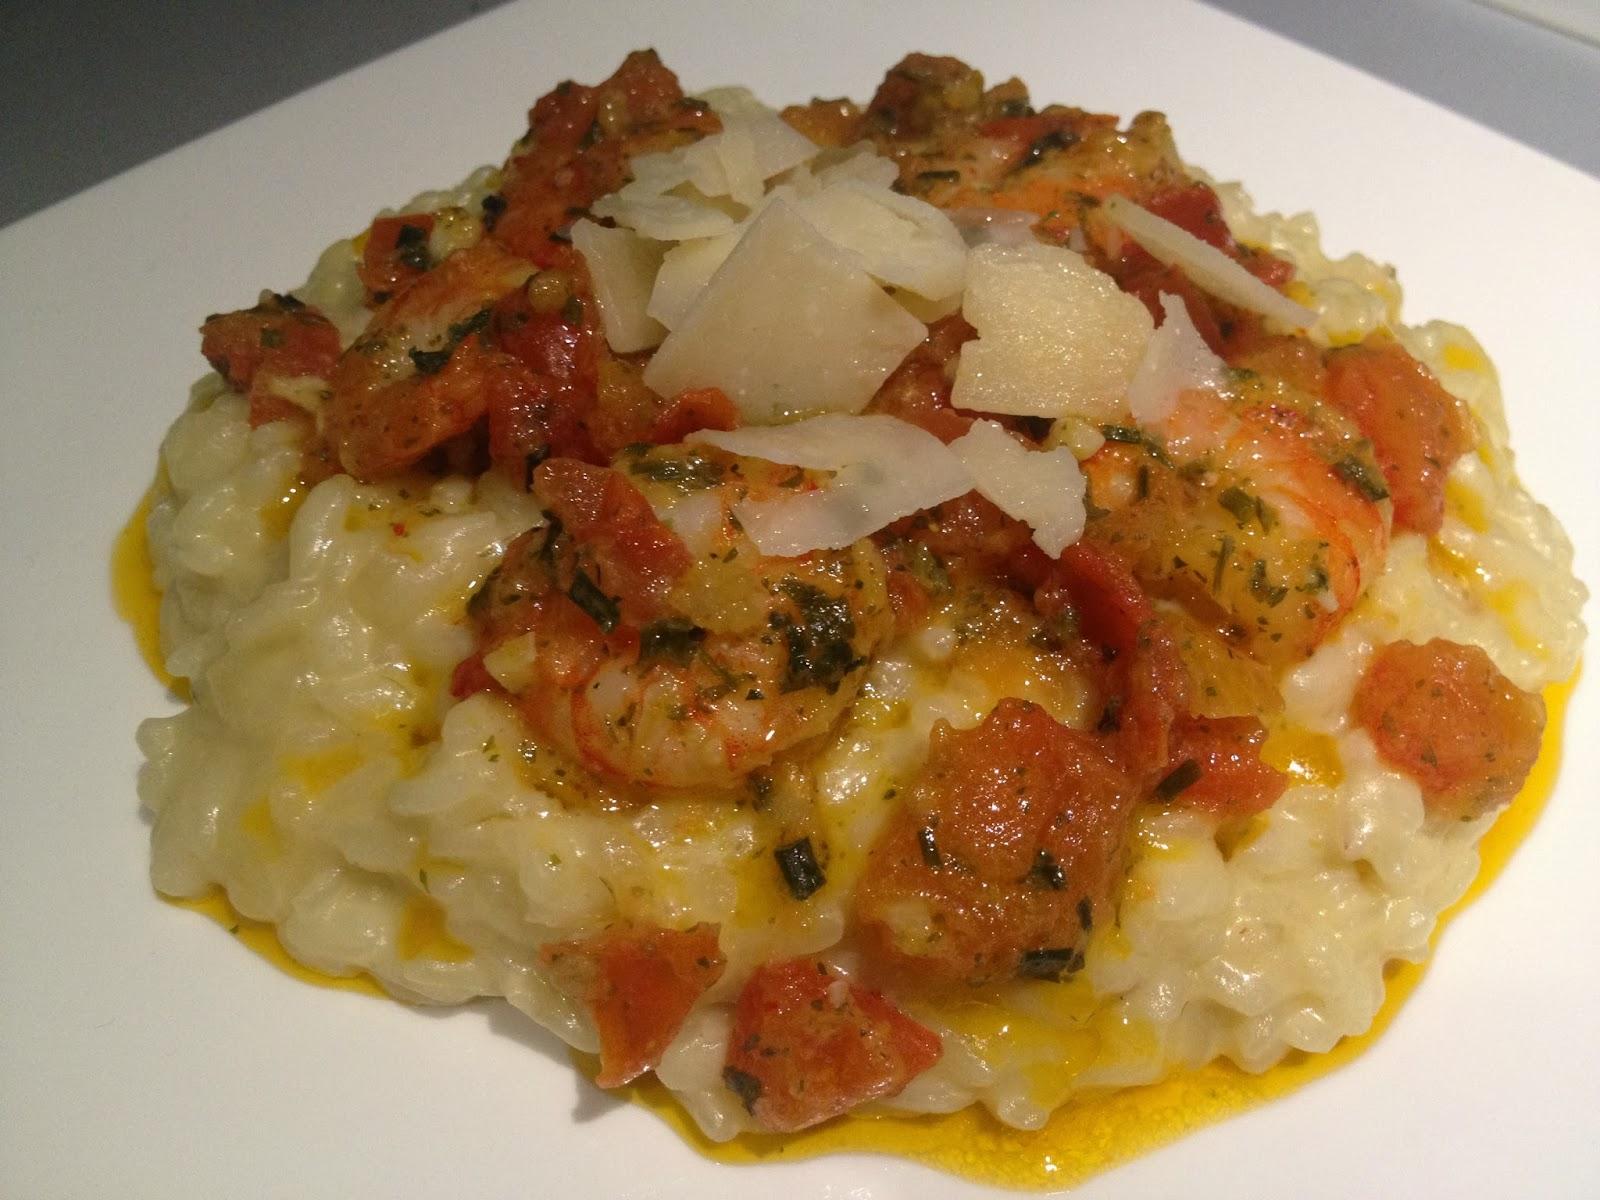 risotto au parmesan crevettes sauce tomate l g rement. Black Bedroom Furniture Sets. Home Design Ideas